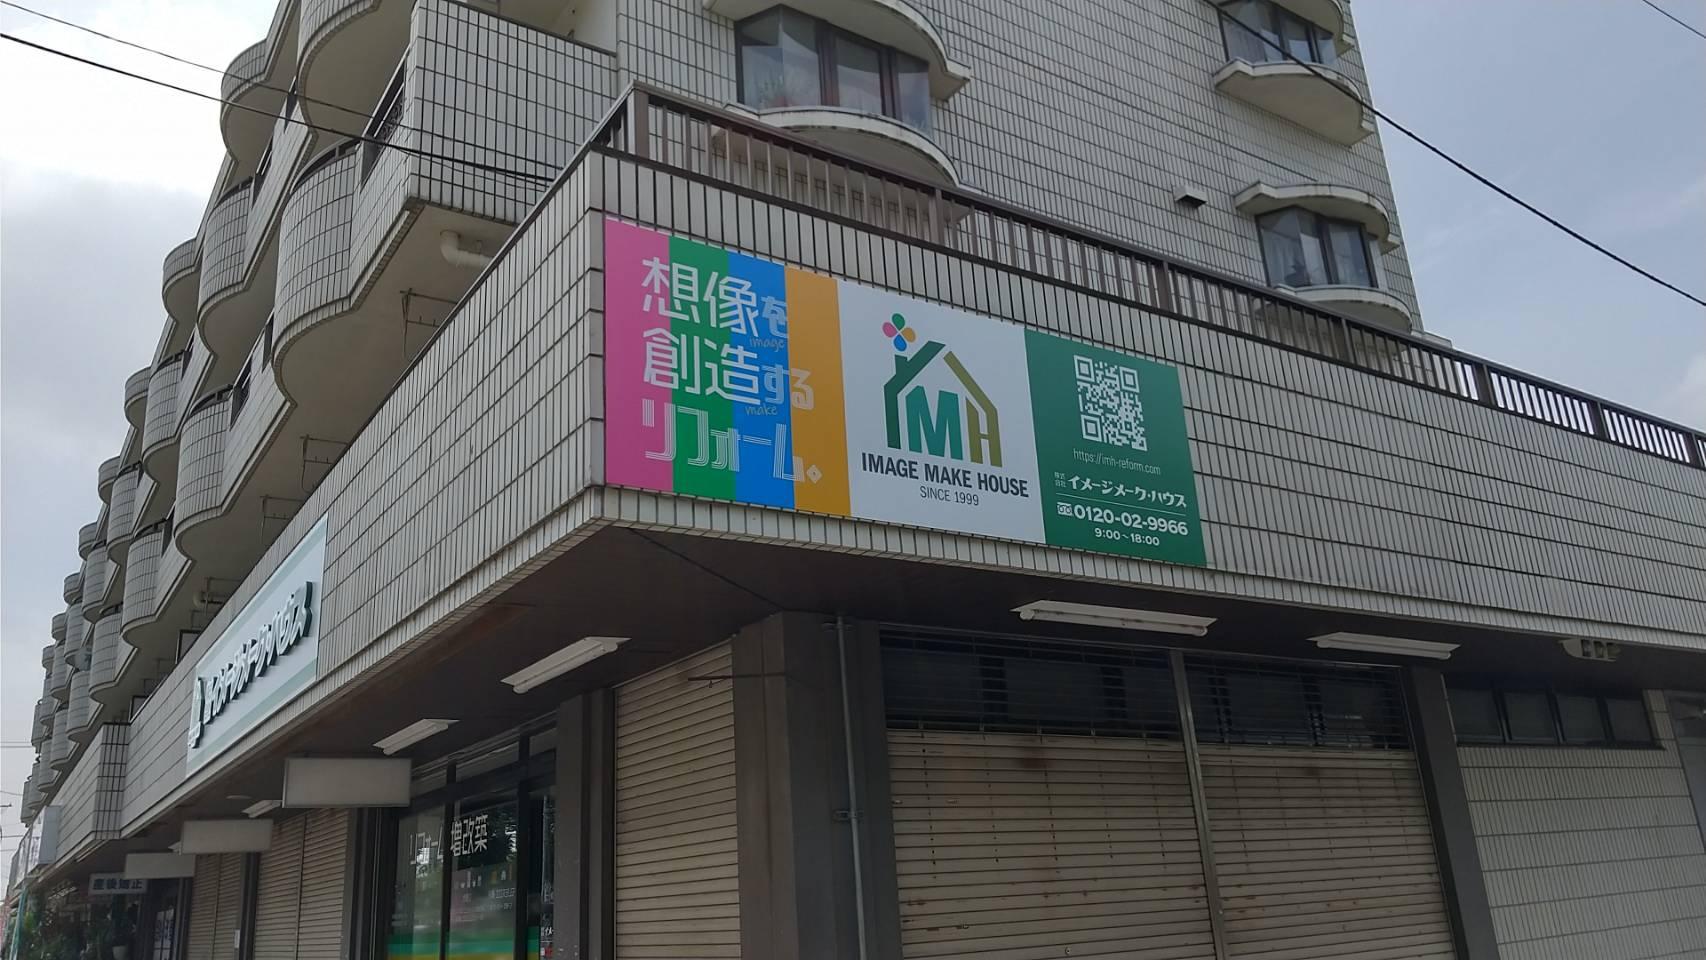 イメージメーク・ハウス鴻巣支店 外観写真